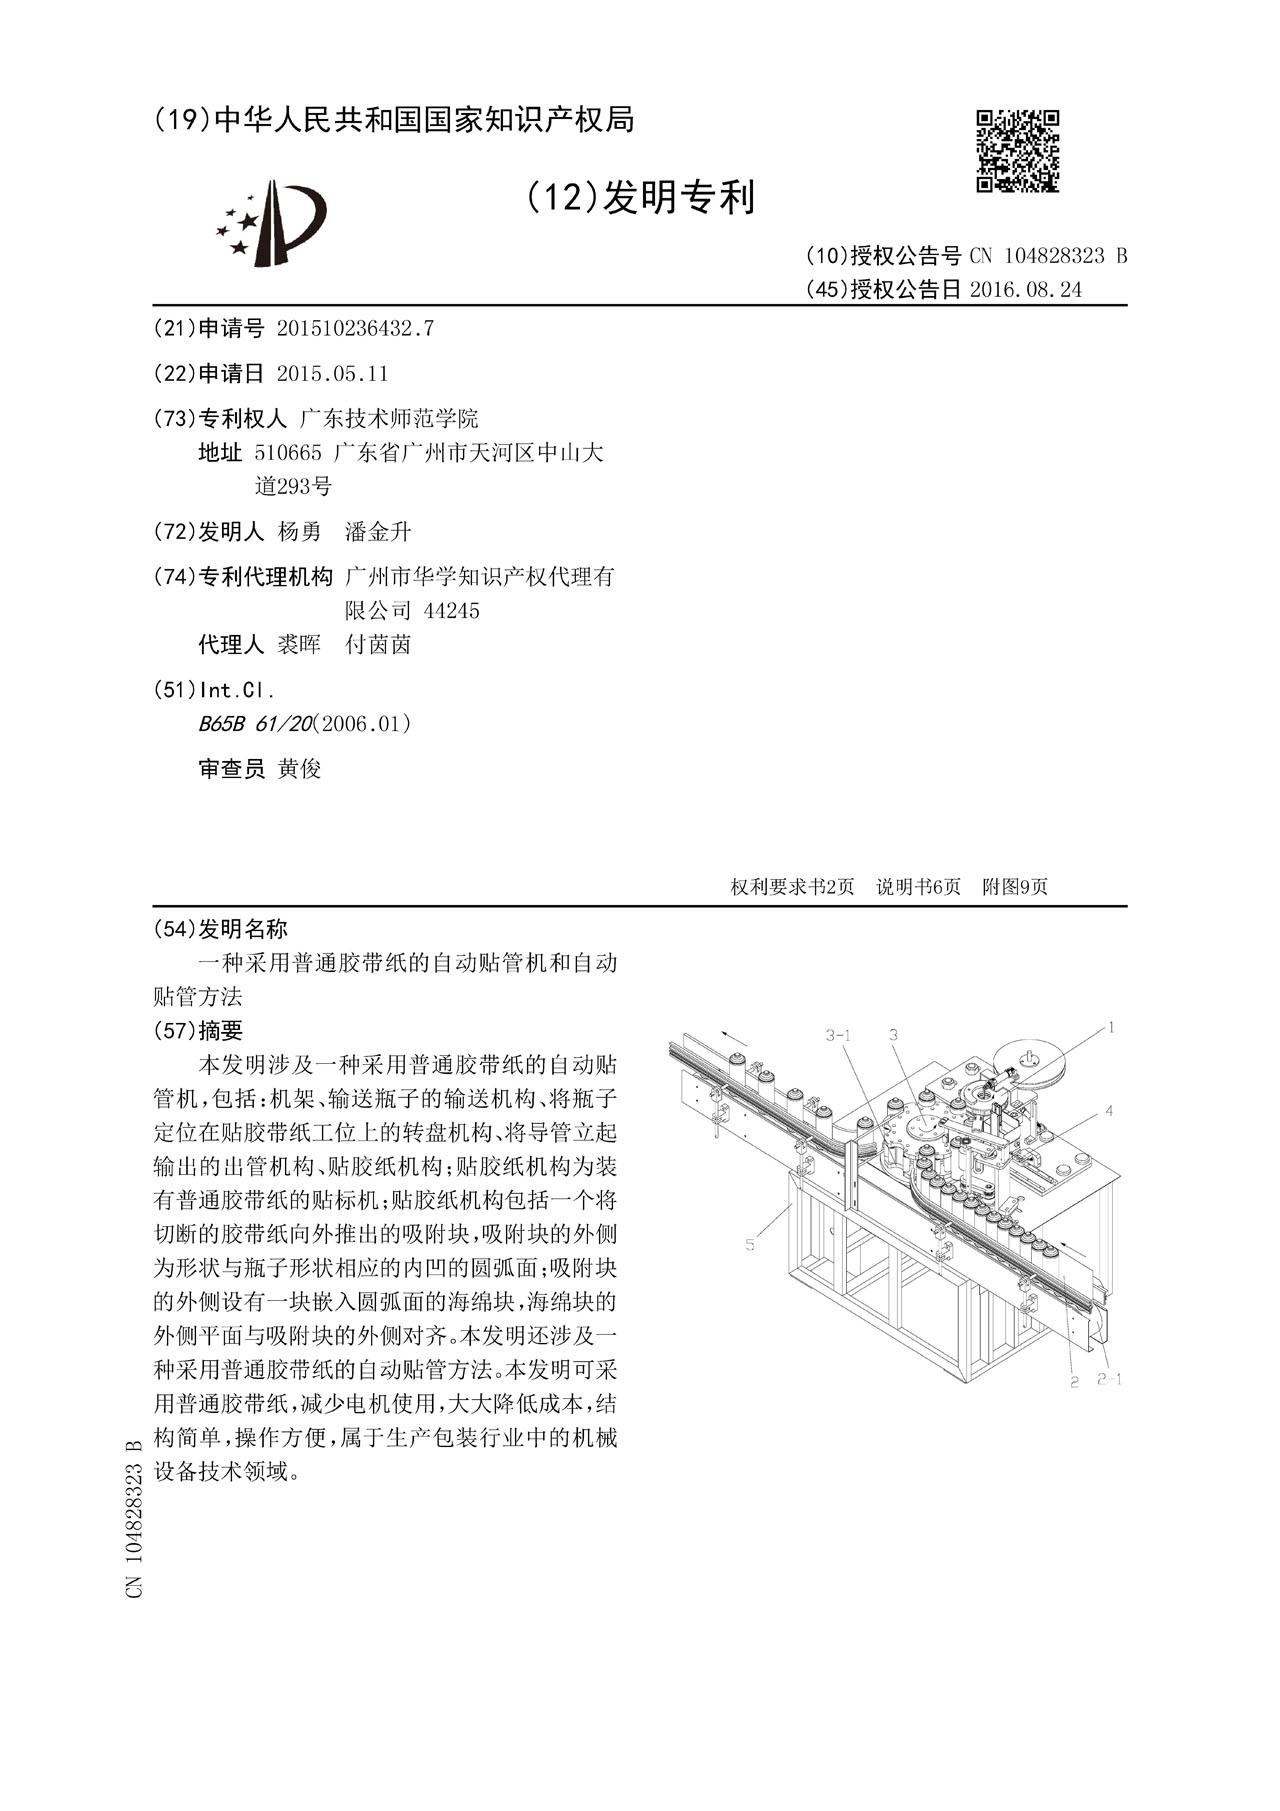 一种采用普通胶带纸的自动贴管机和自动贴管方法